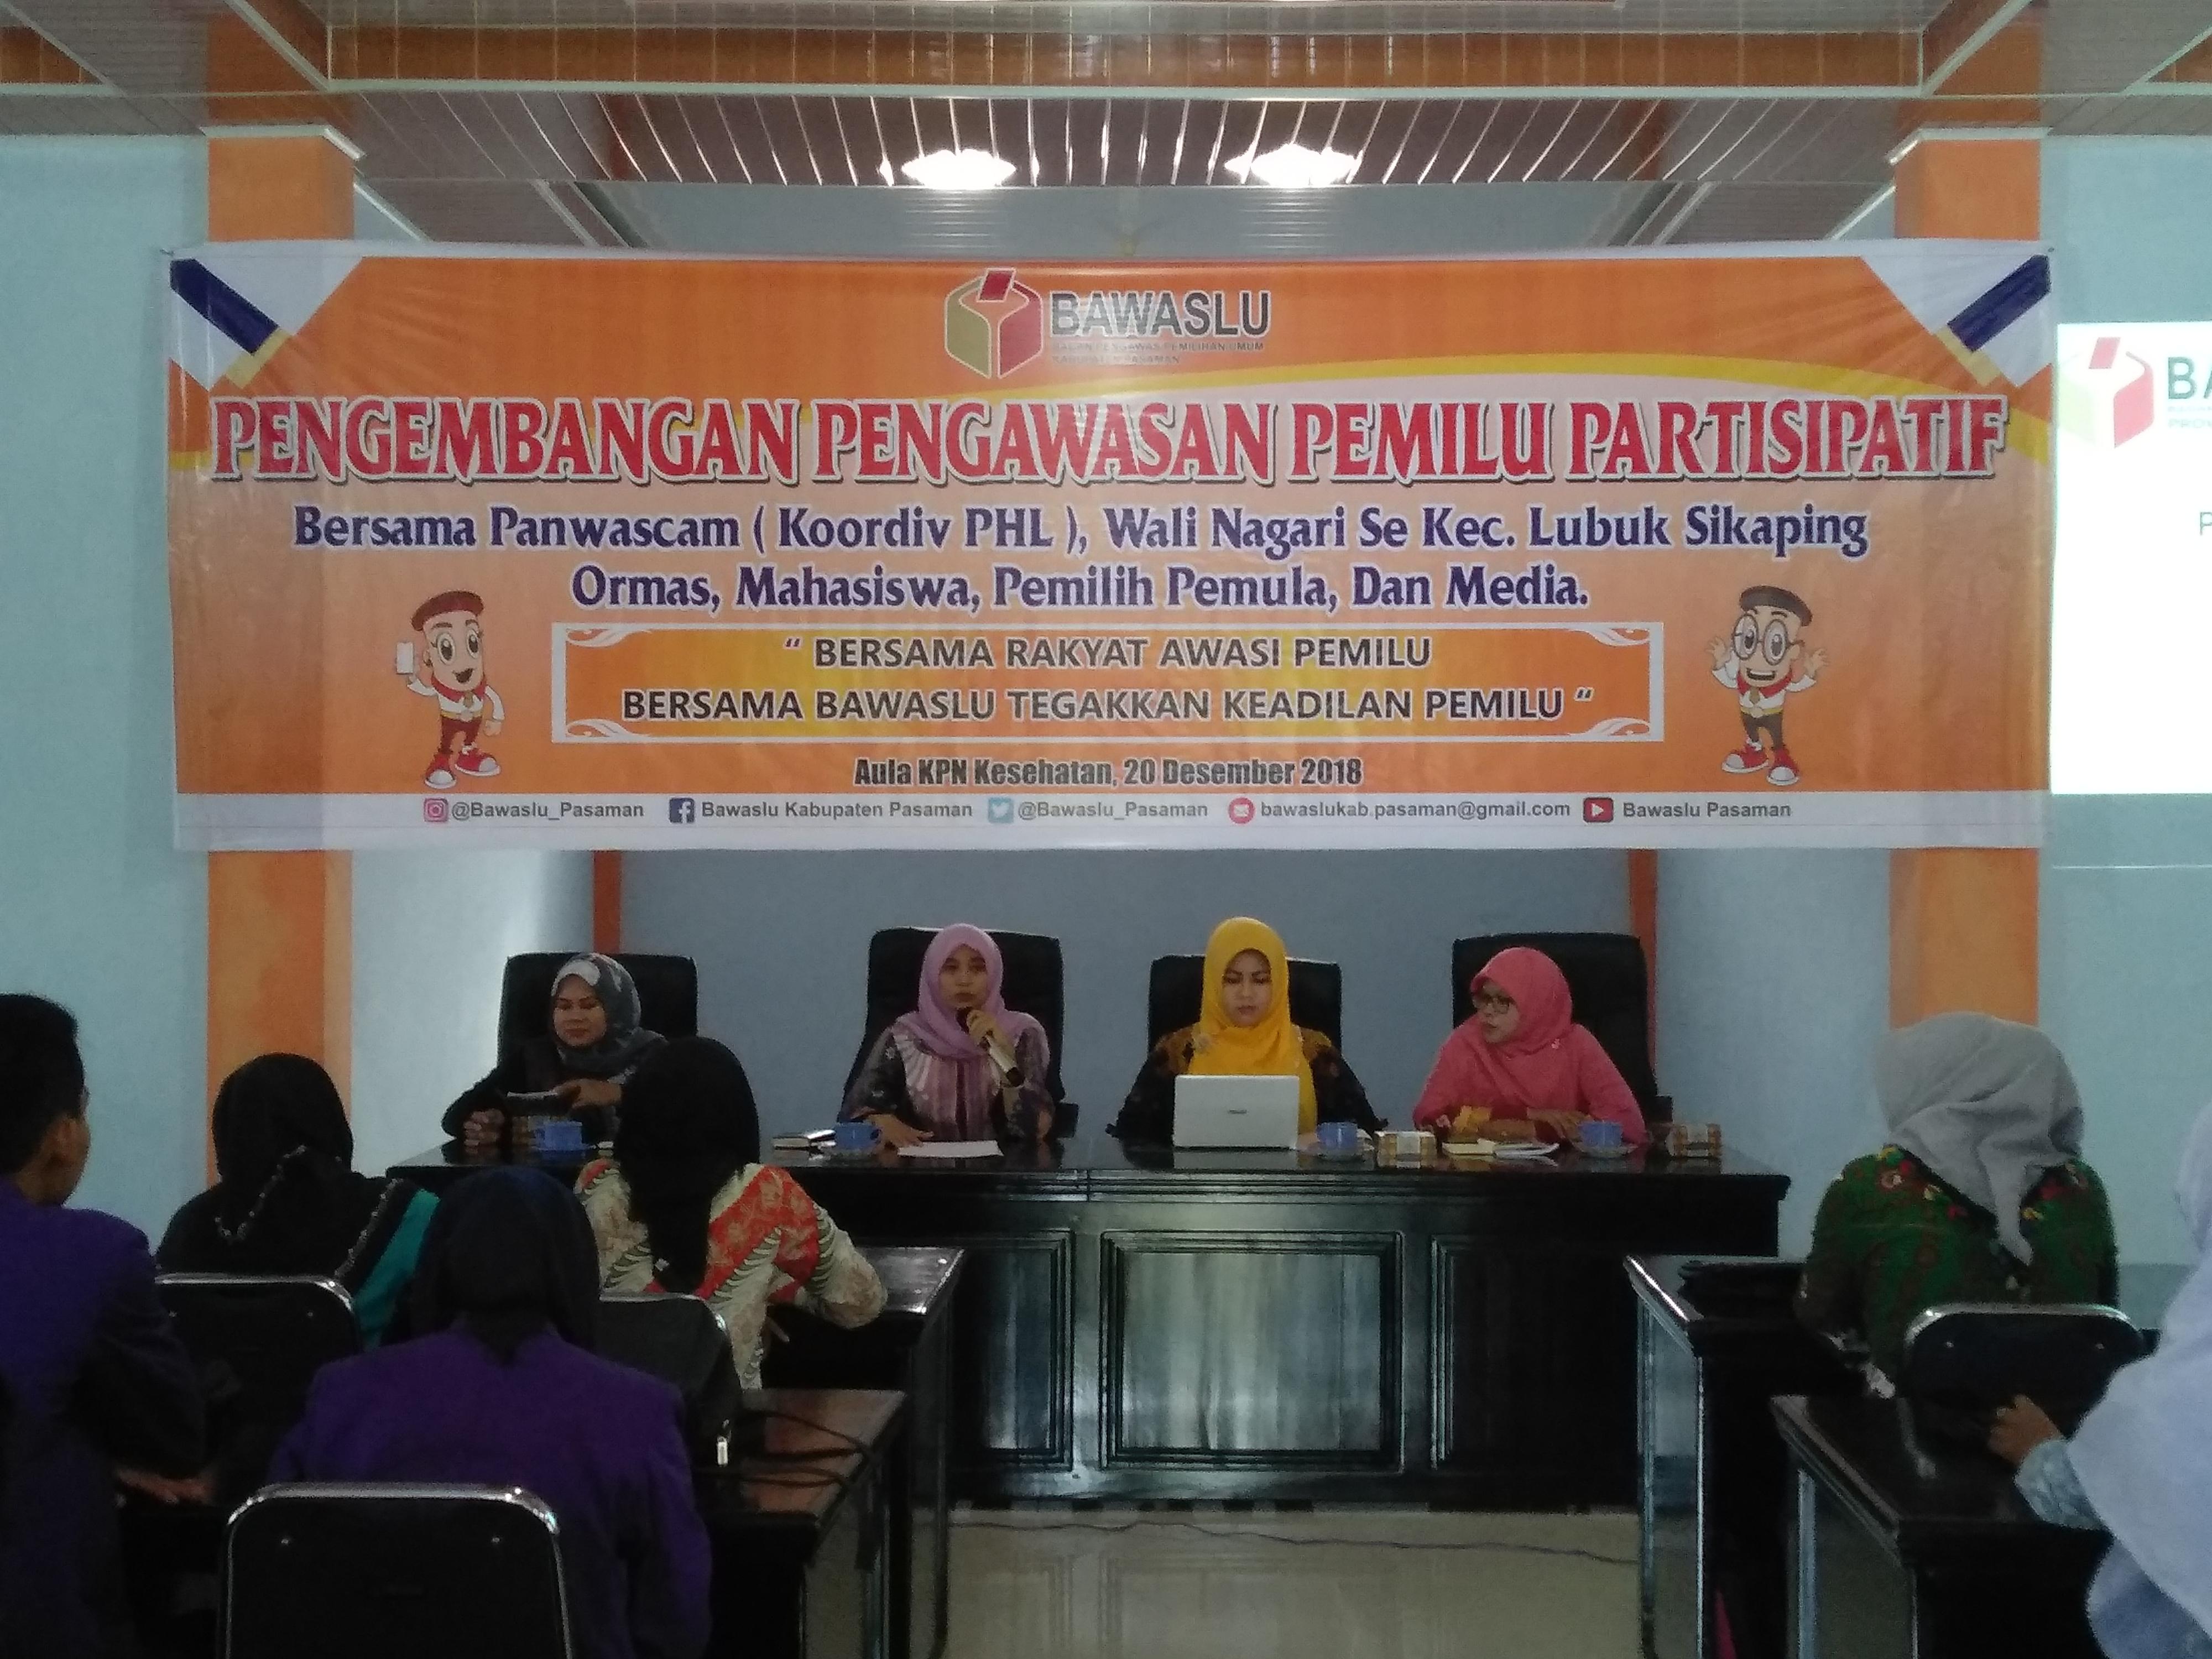 Ketua Bawaslu Pasaman, Rini Juita, saat menyampaikan arahannya, di aula KPN Lubuk Sikaping, Kamis (20/12/18).